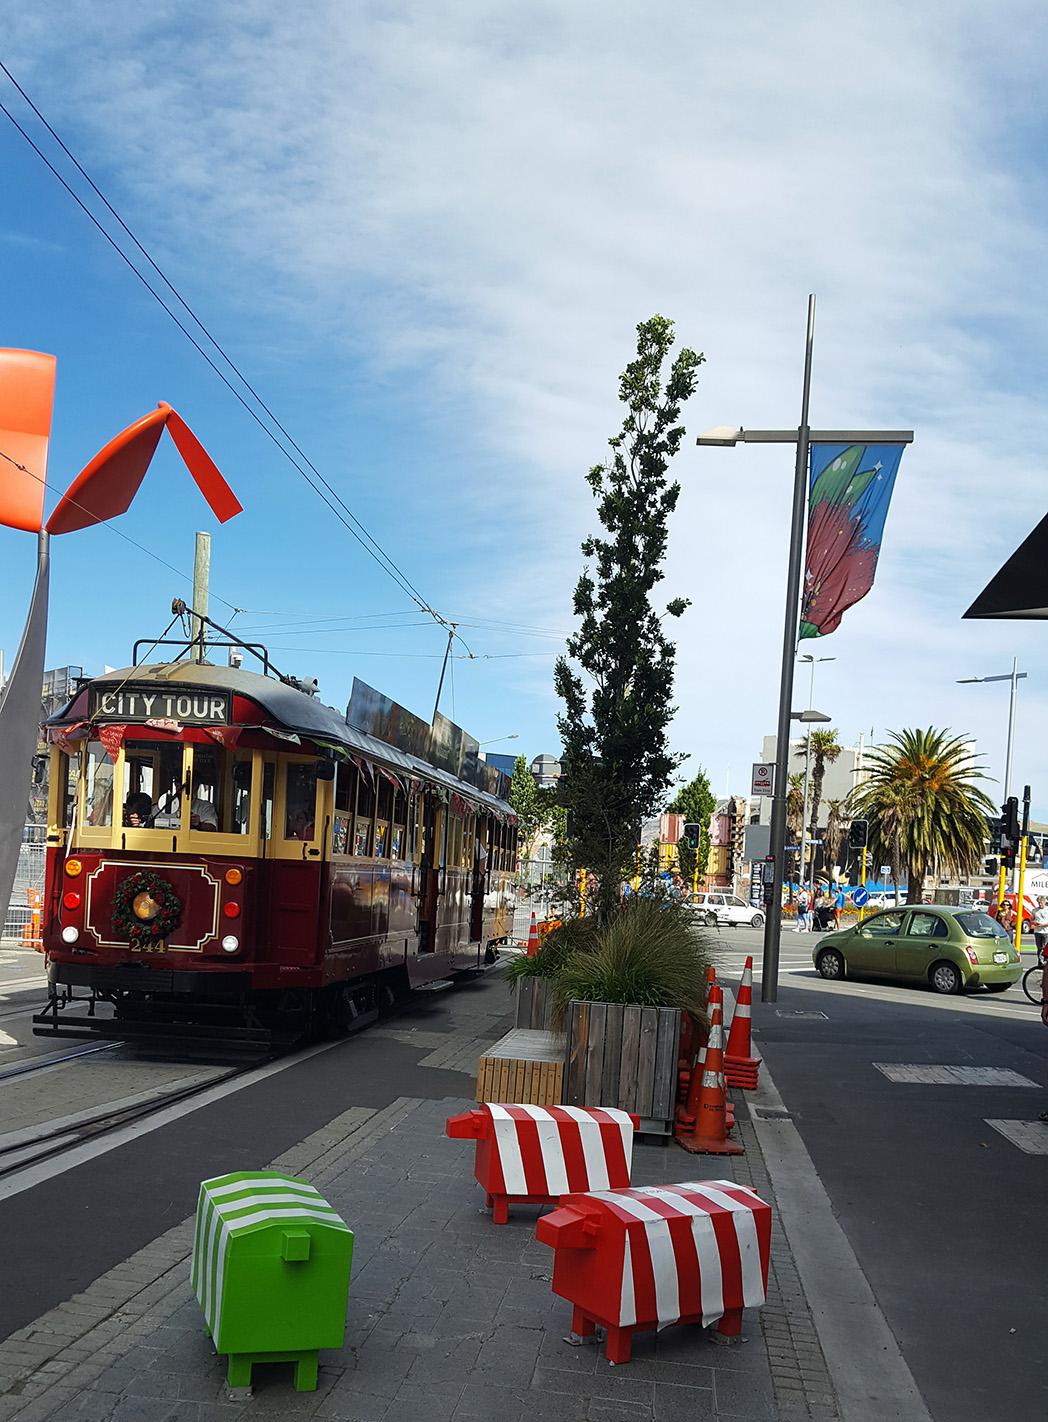 Downtown Christchurch